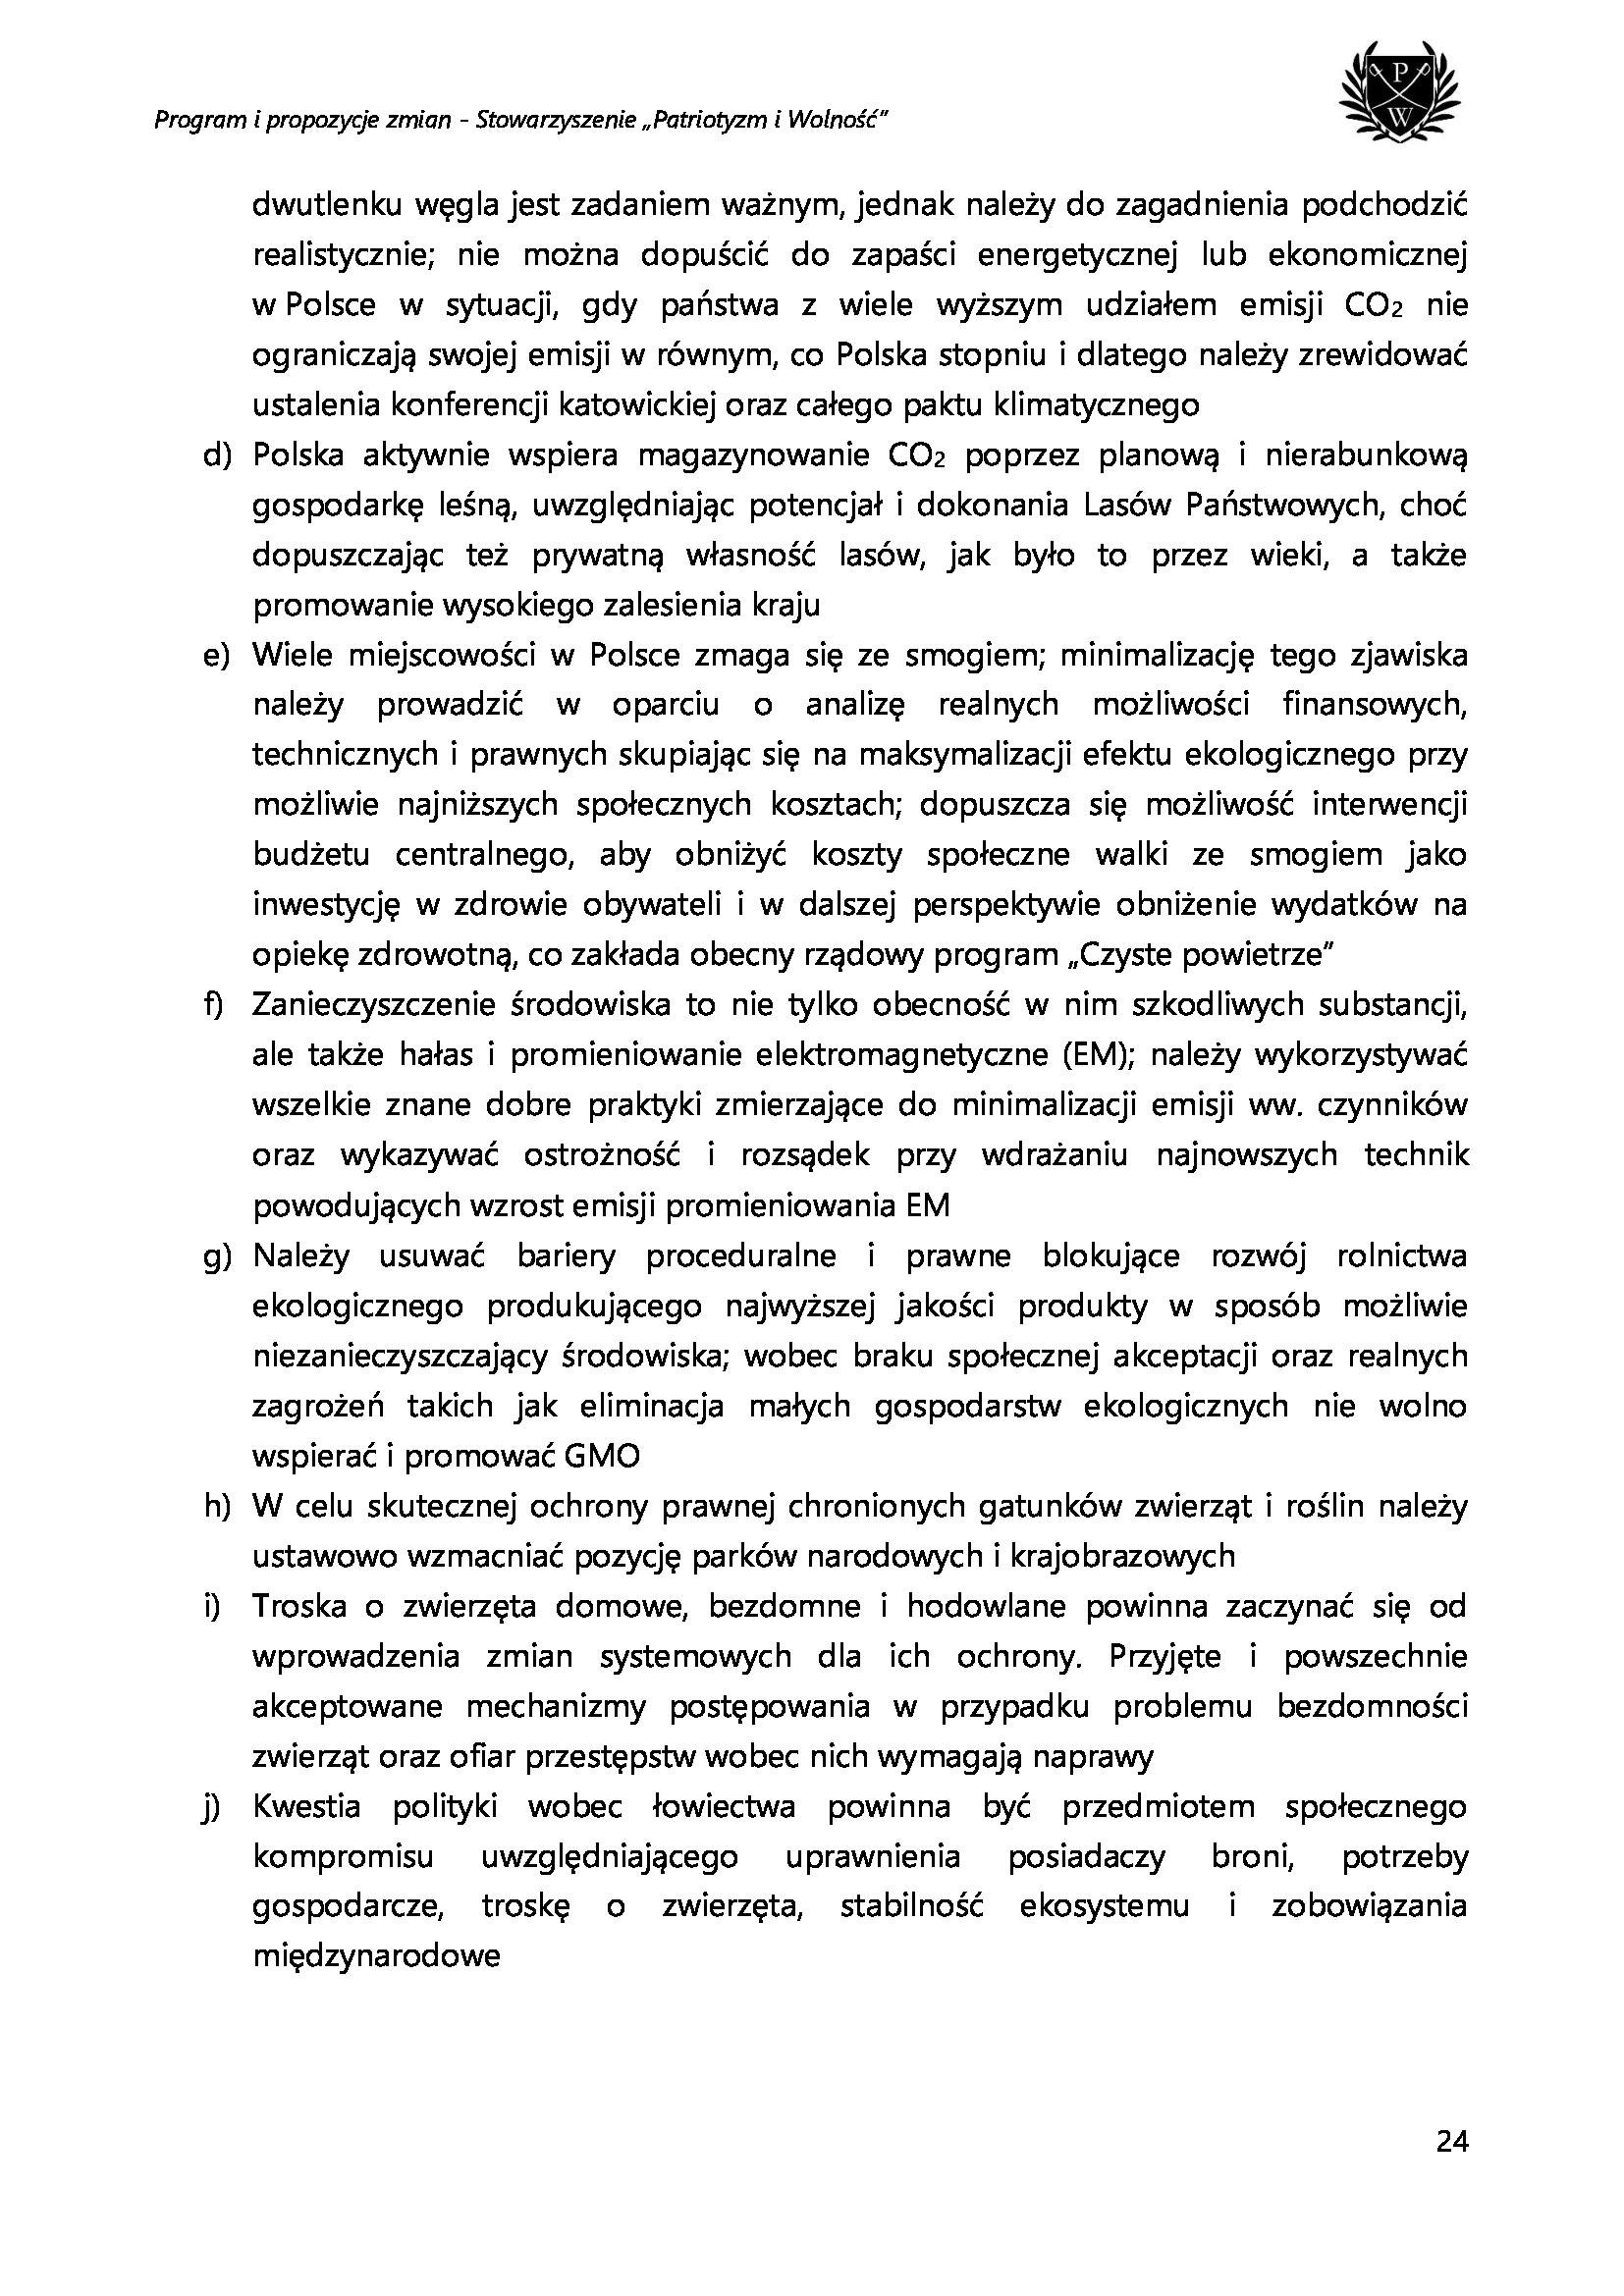 db9e272ef5a9a2e66d26f1905be6c507-24